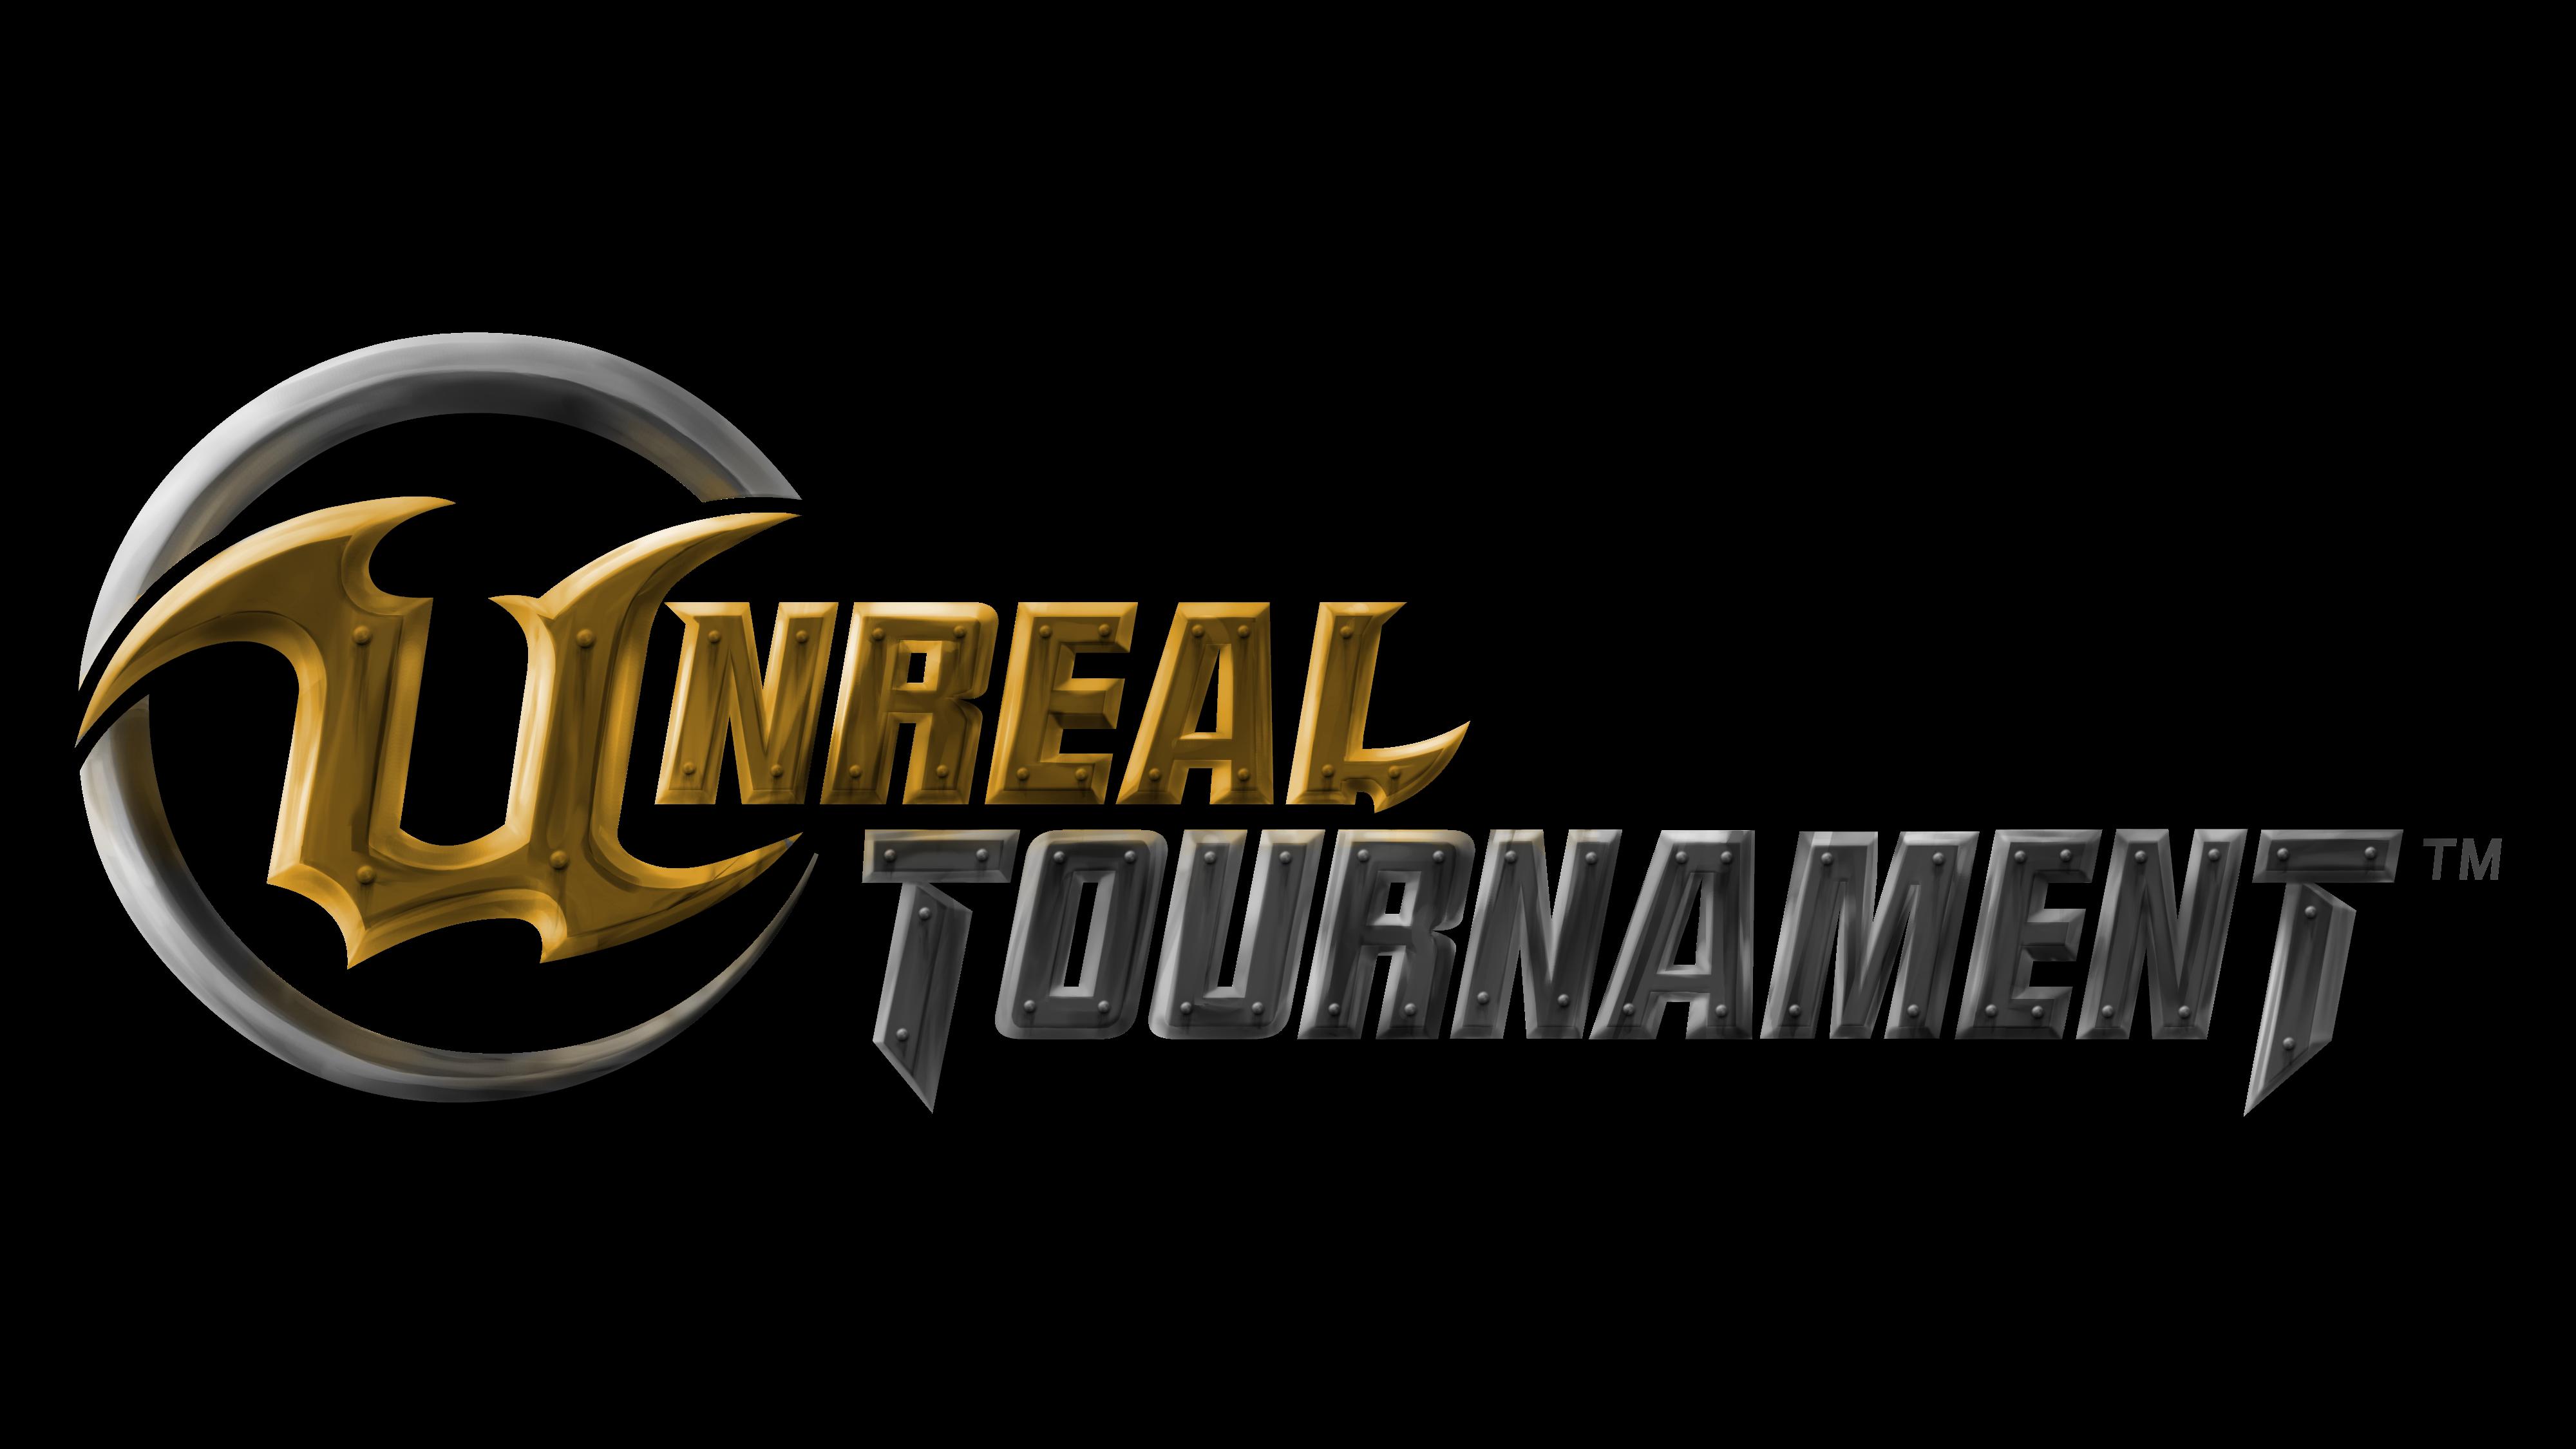 Unreal Tournament Gold-Silver Logo